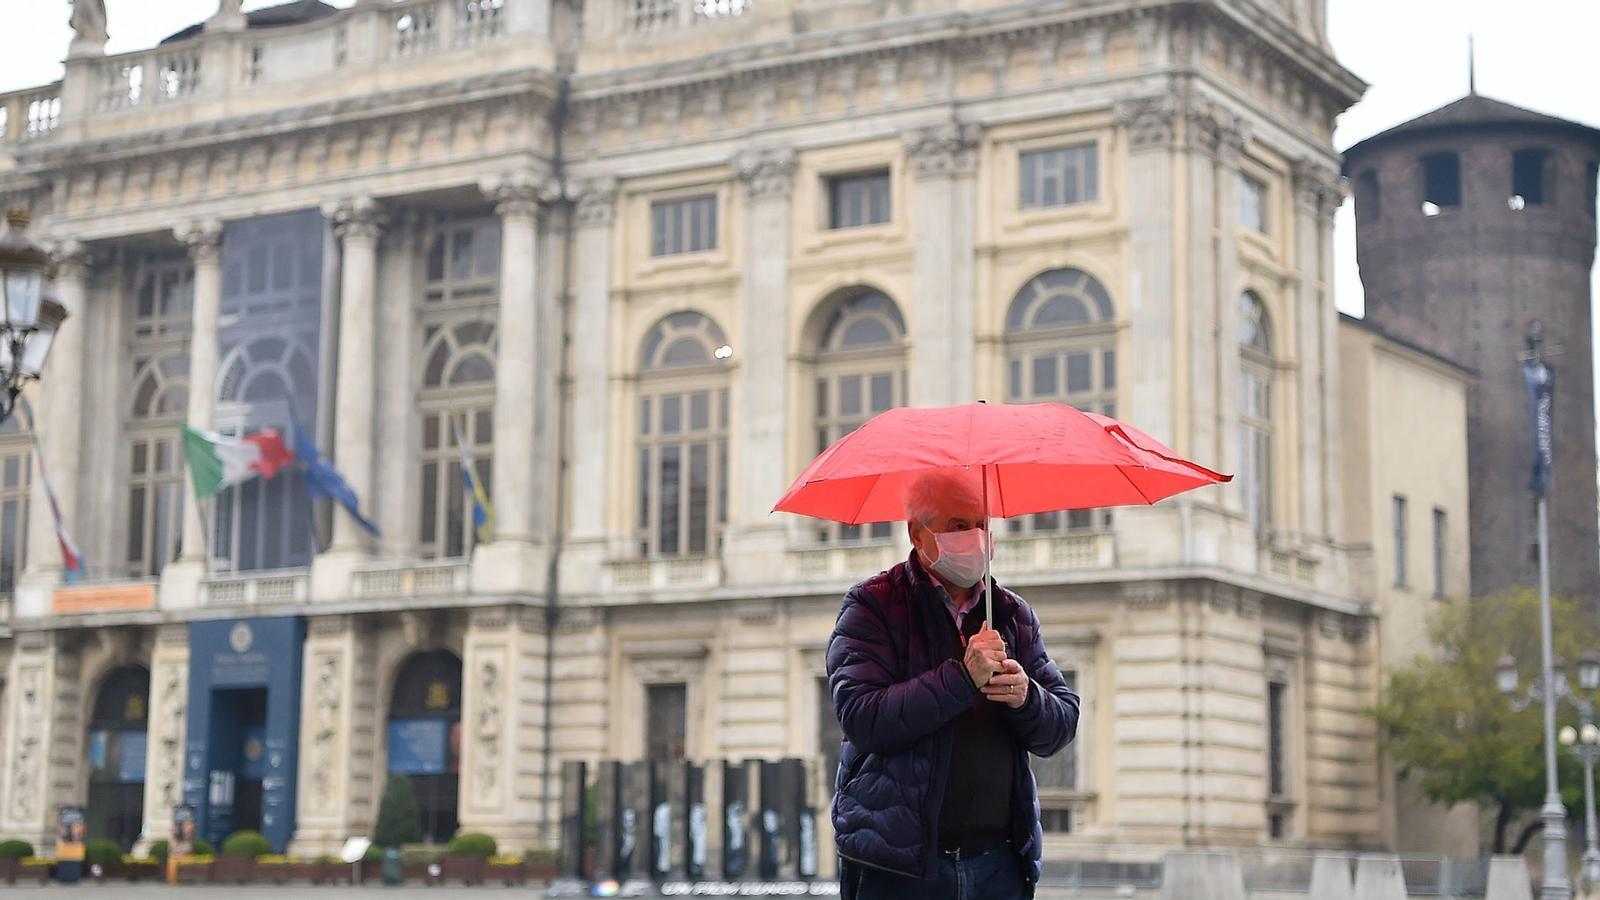 Un home amb mascareta a Turin durant la pandèmia